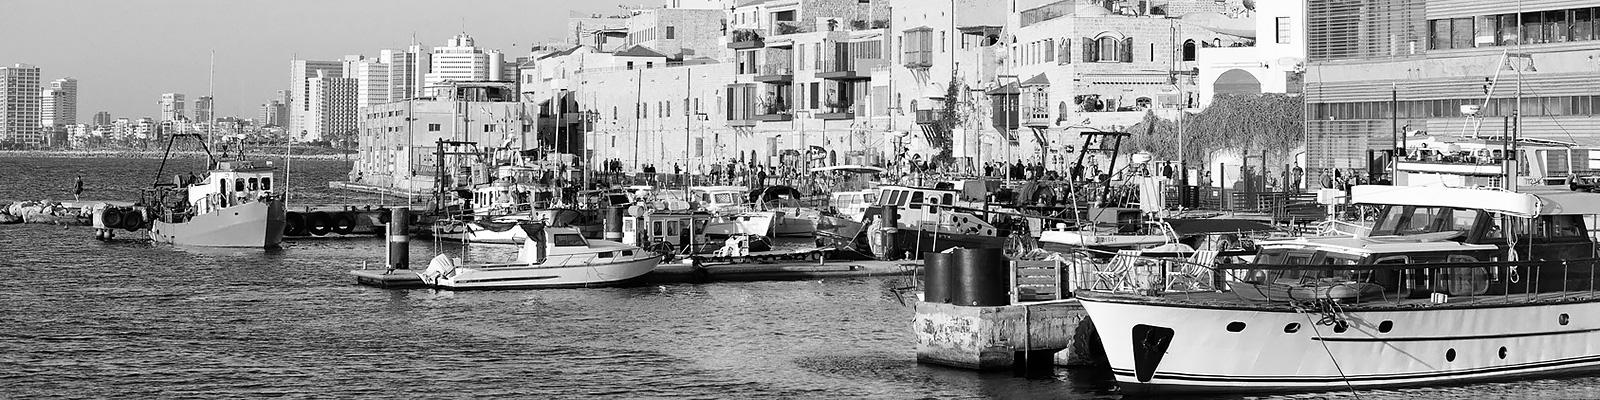 イスラエル 港 イメージ